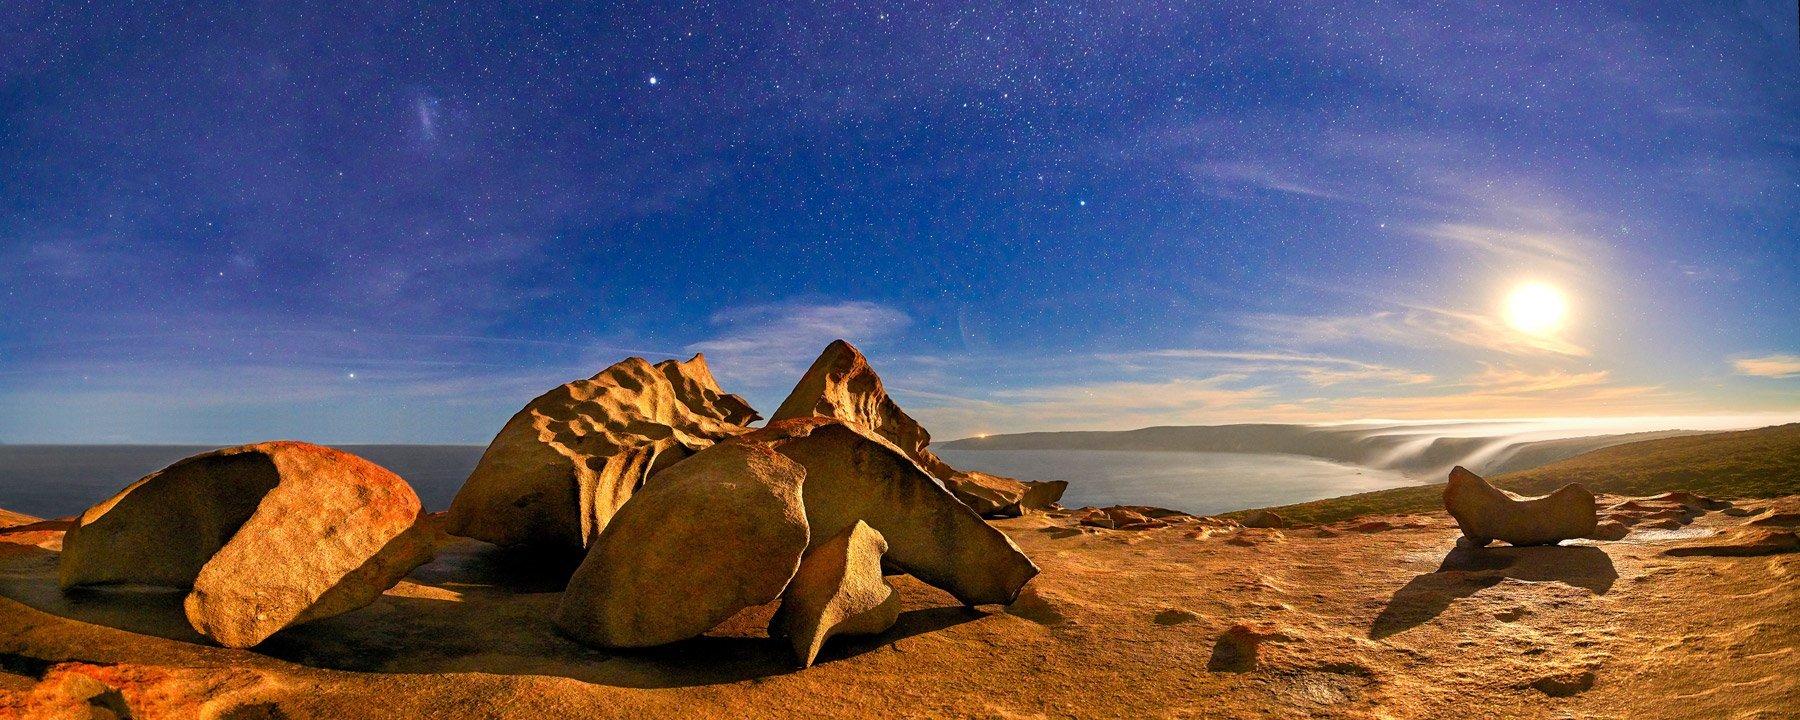 A full moon rising over Remarkable Rocks, SA, Australia.